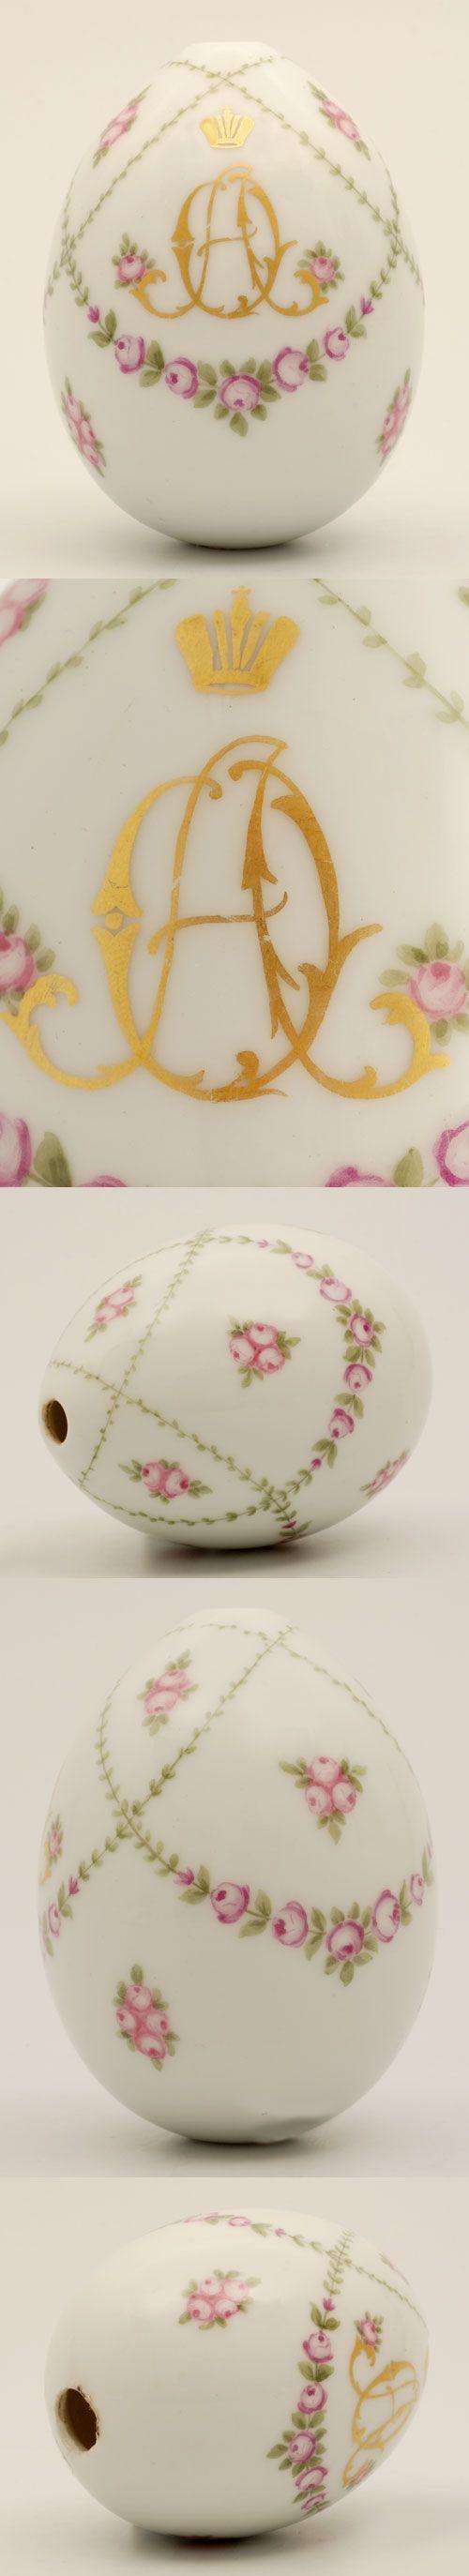 GD Olga Porcelain Egg